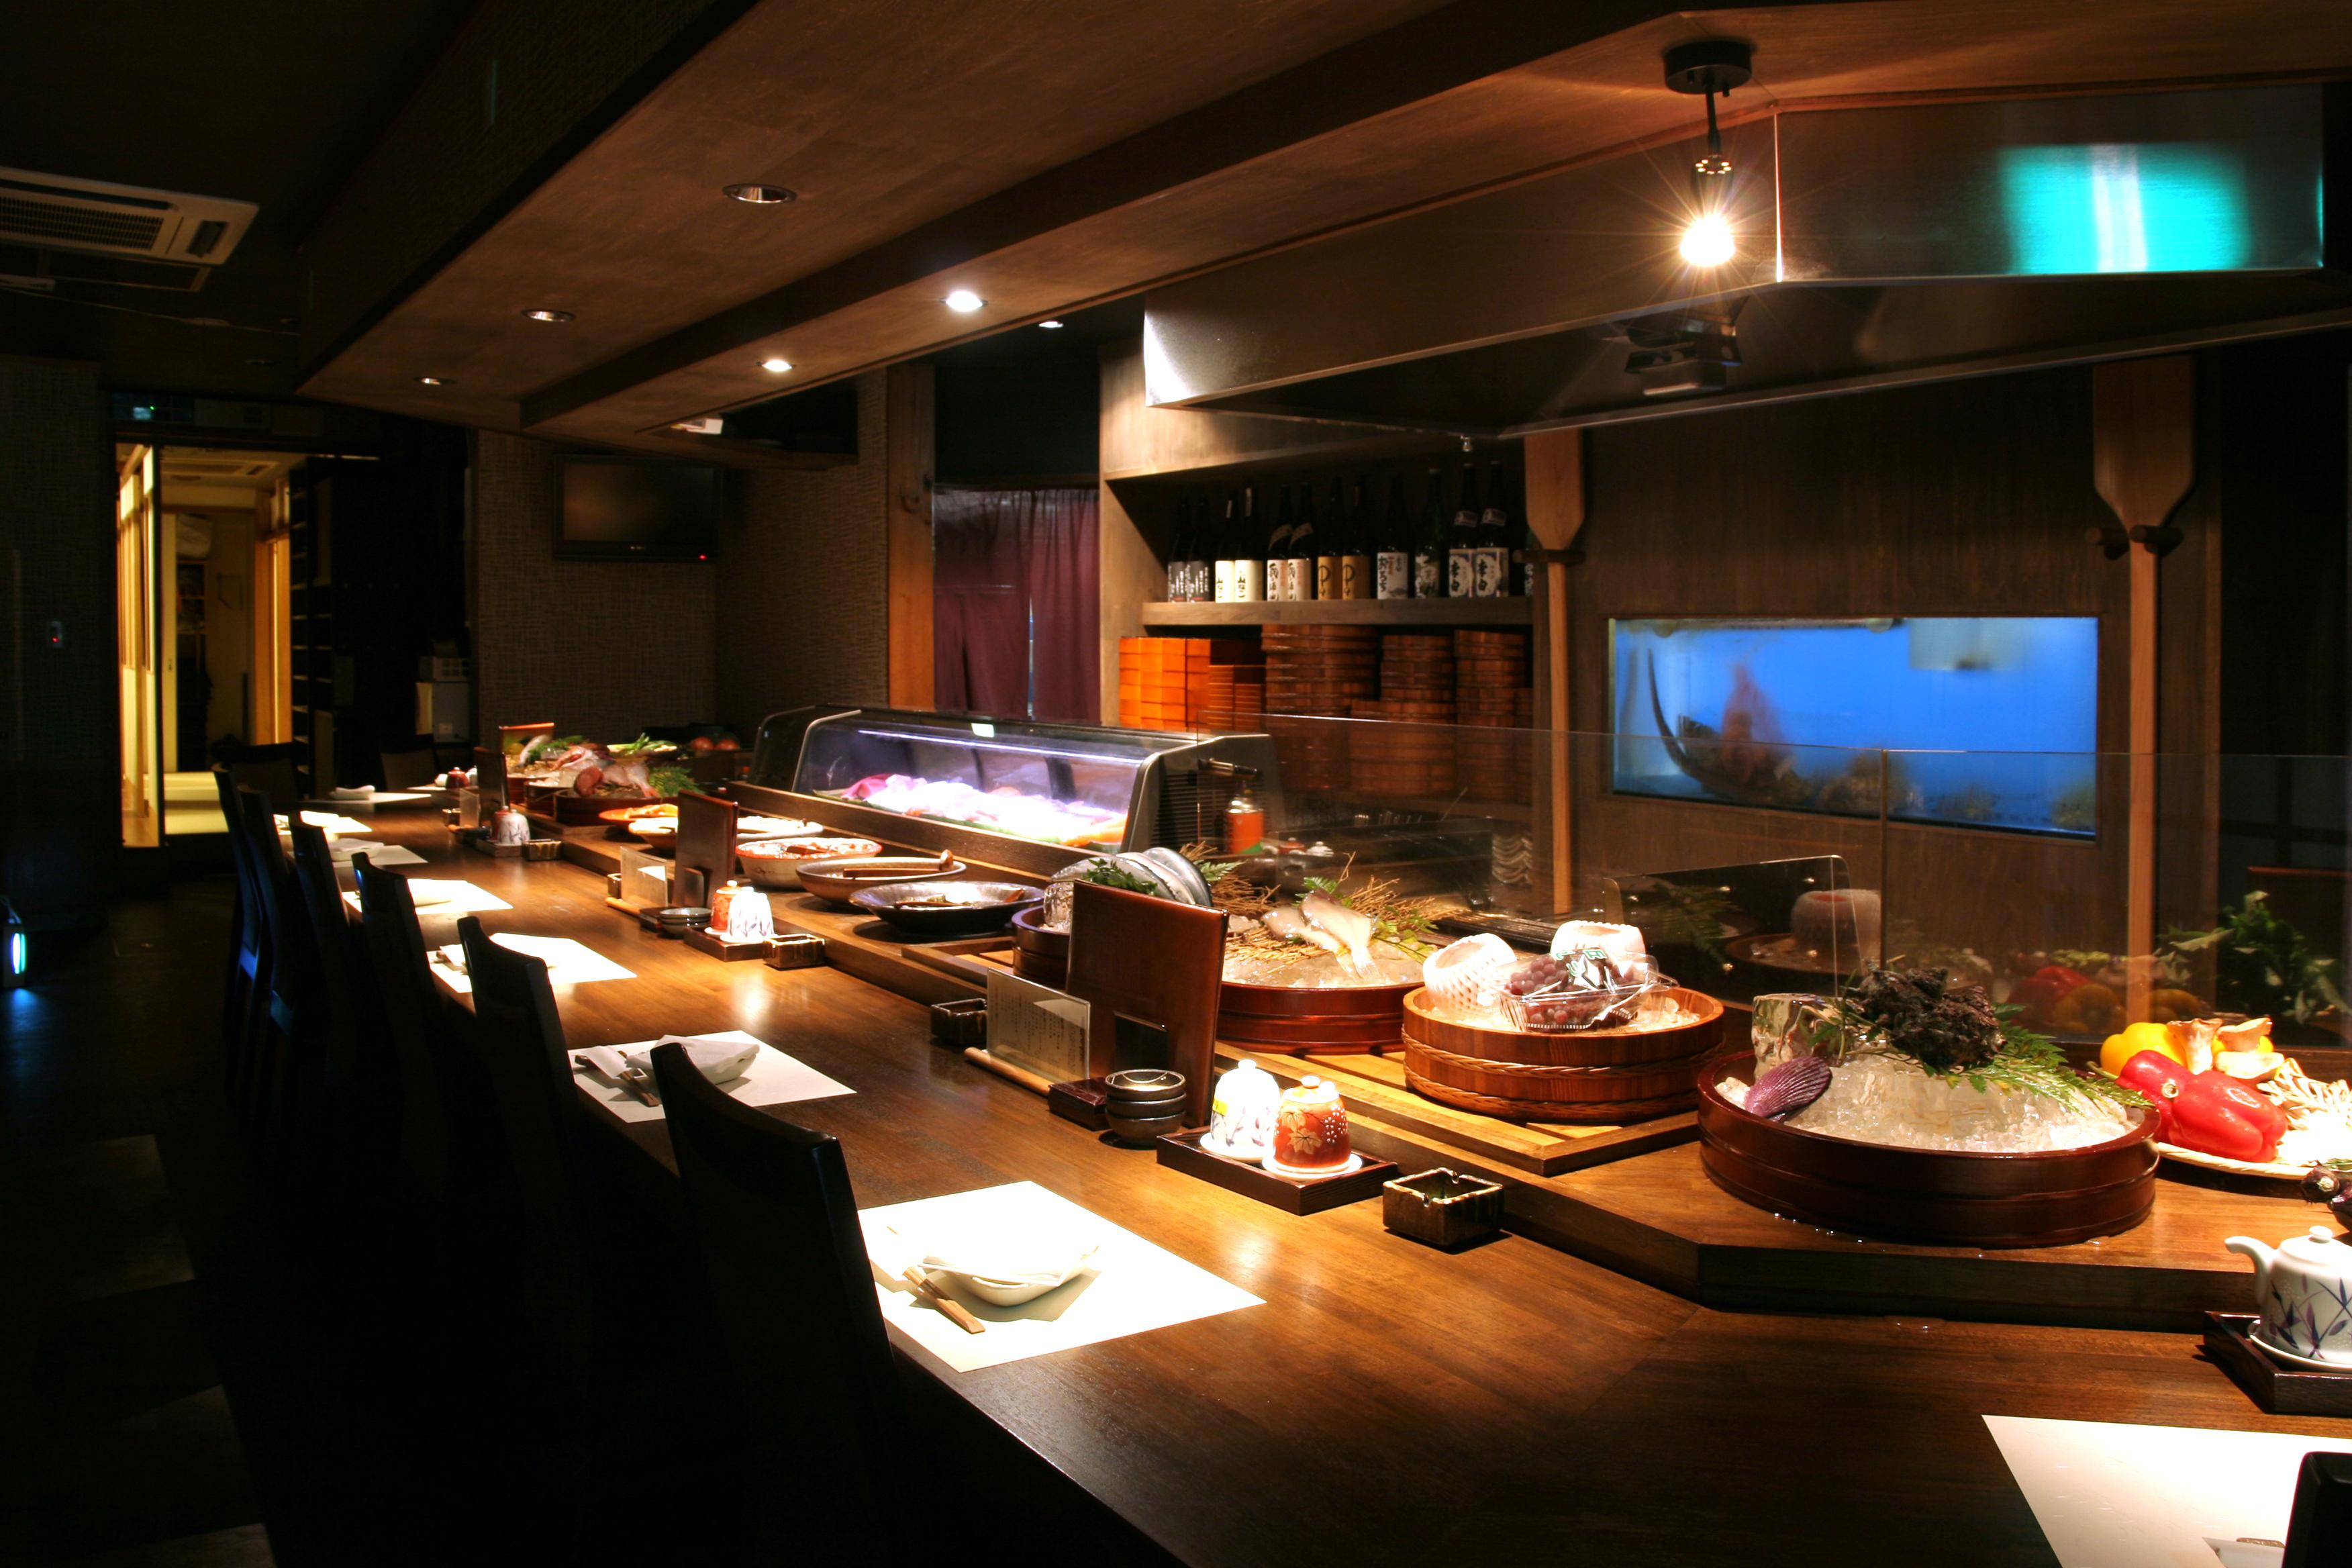 海援丸 松江店の店内の様子です